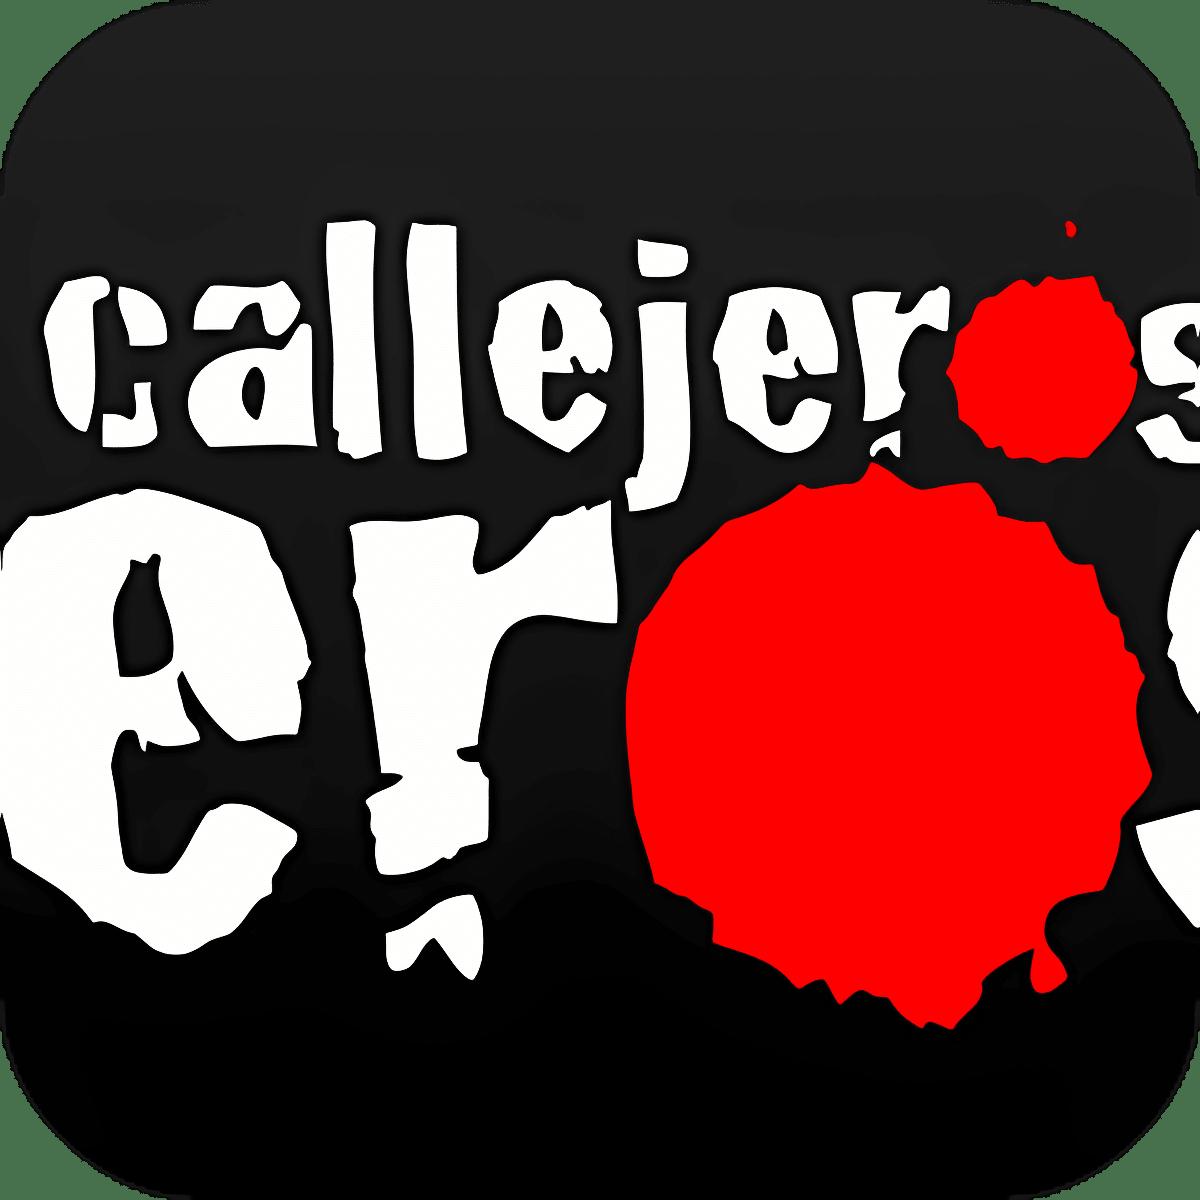 Callejeros Viajeros - minube 2.9.6